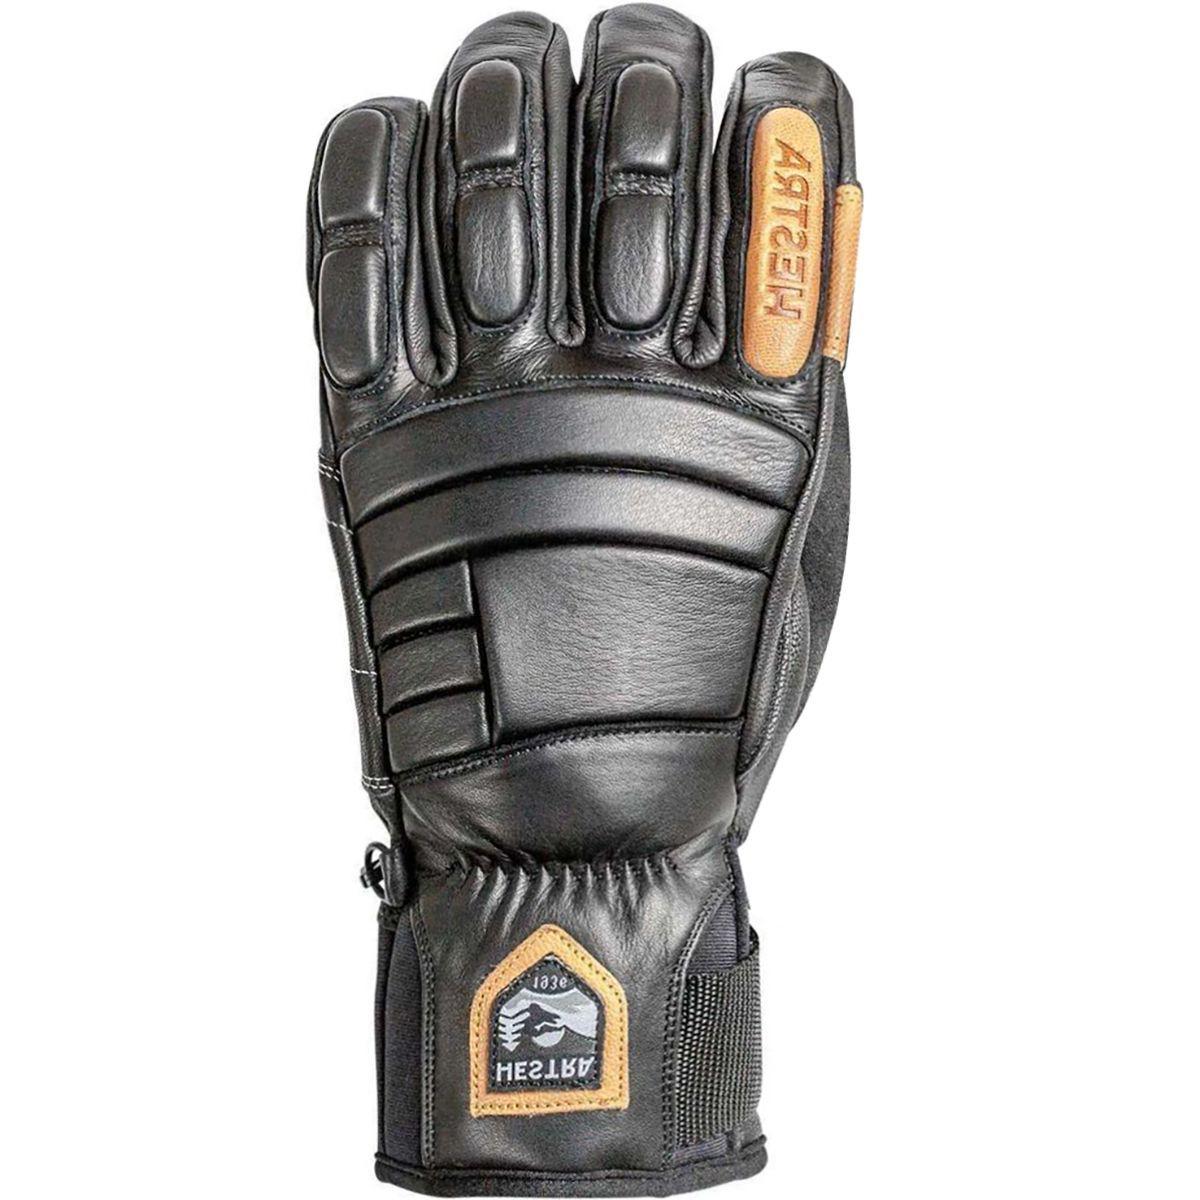 Hestra Morrison Pro Model Glove - Men's